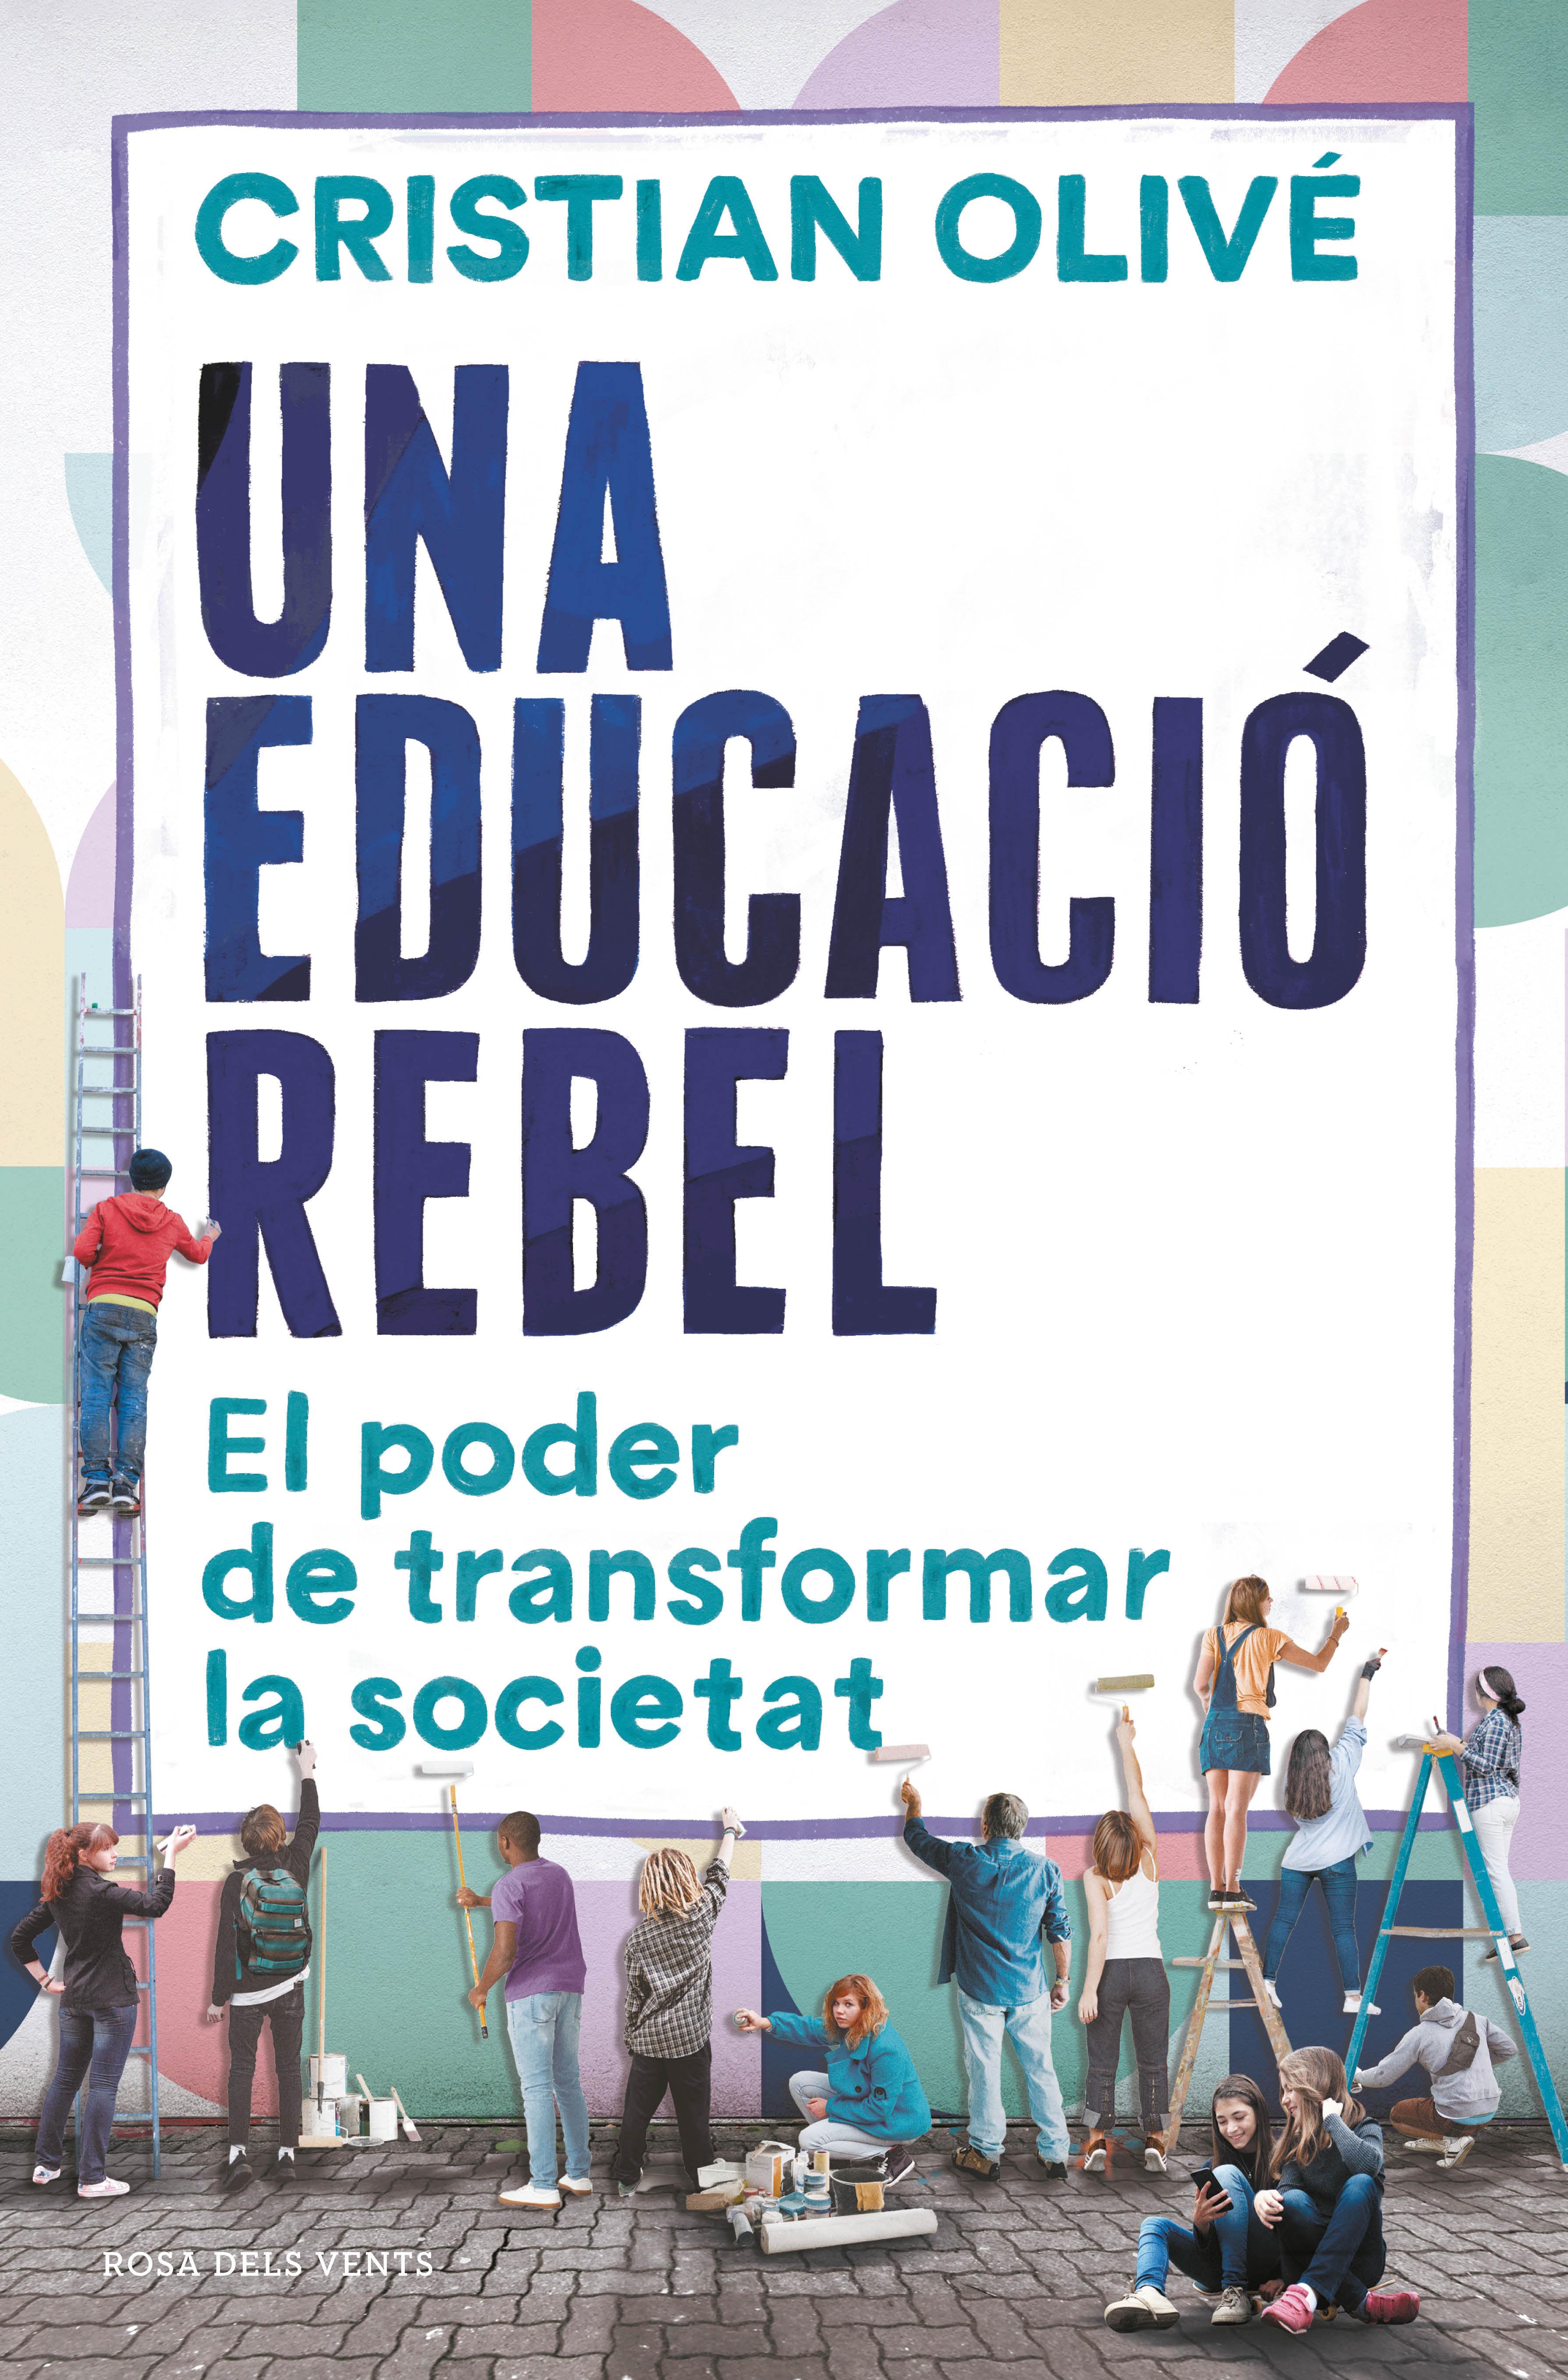 UNA EDUCACIO REBEL